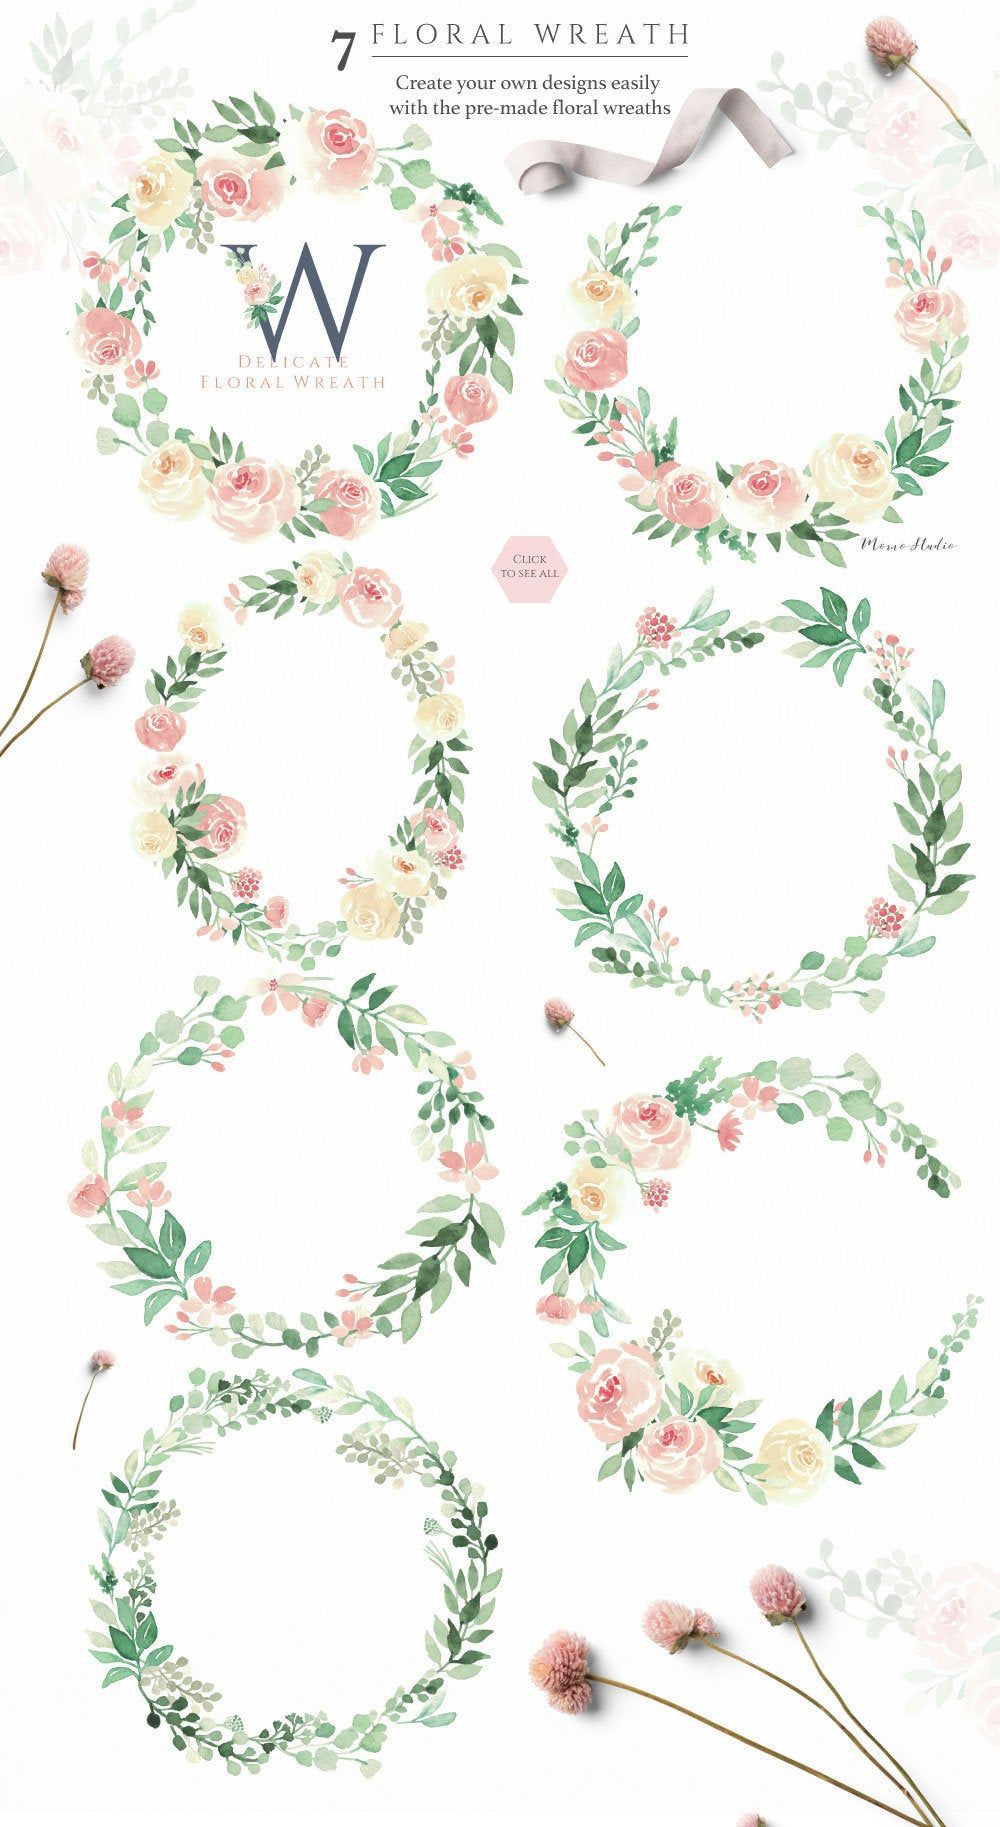 Aquarell Blumenkranz Blush Florals Grun Blumenkranze Fruhling